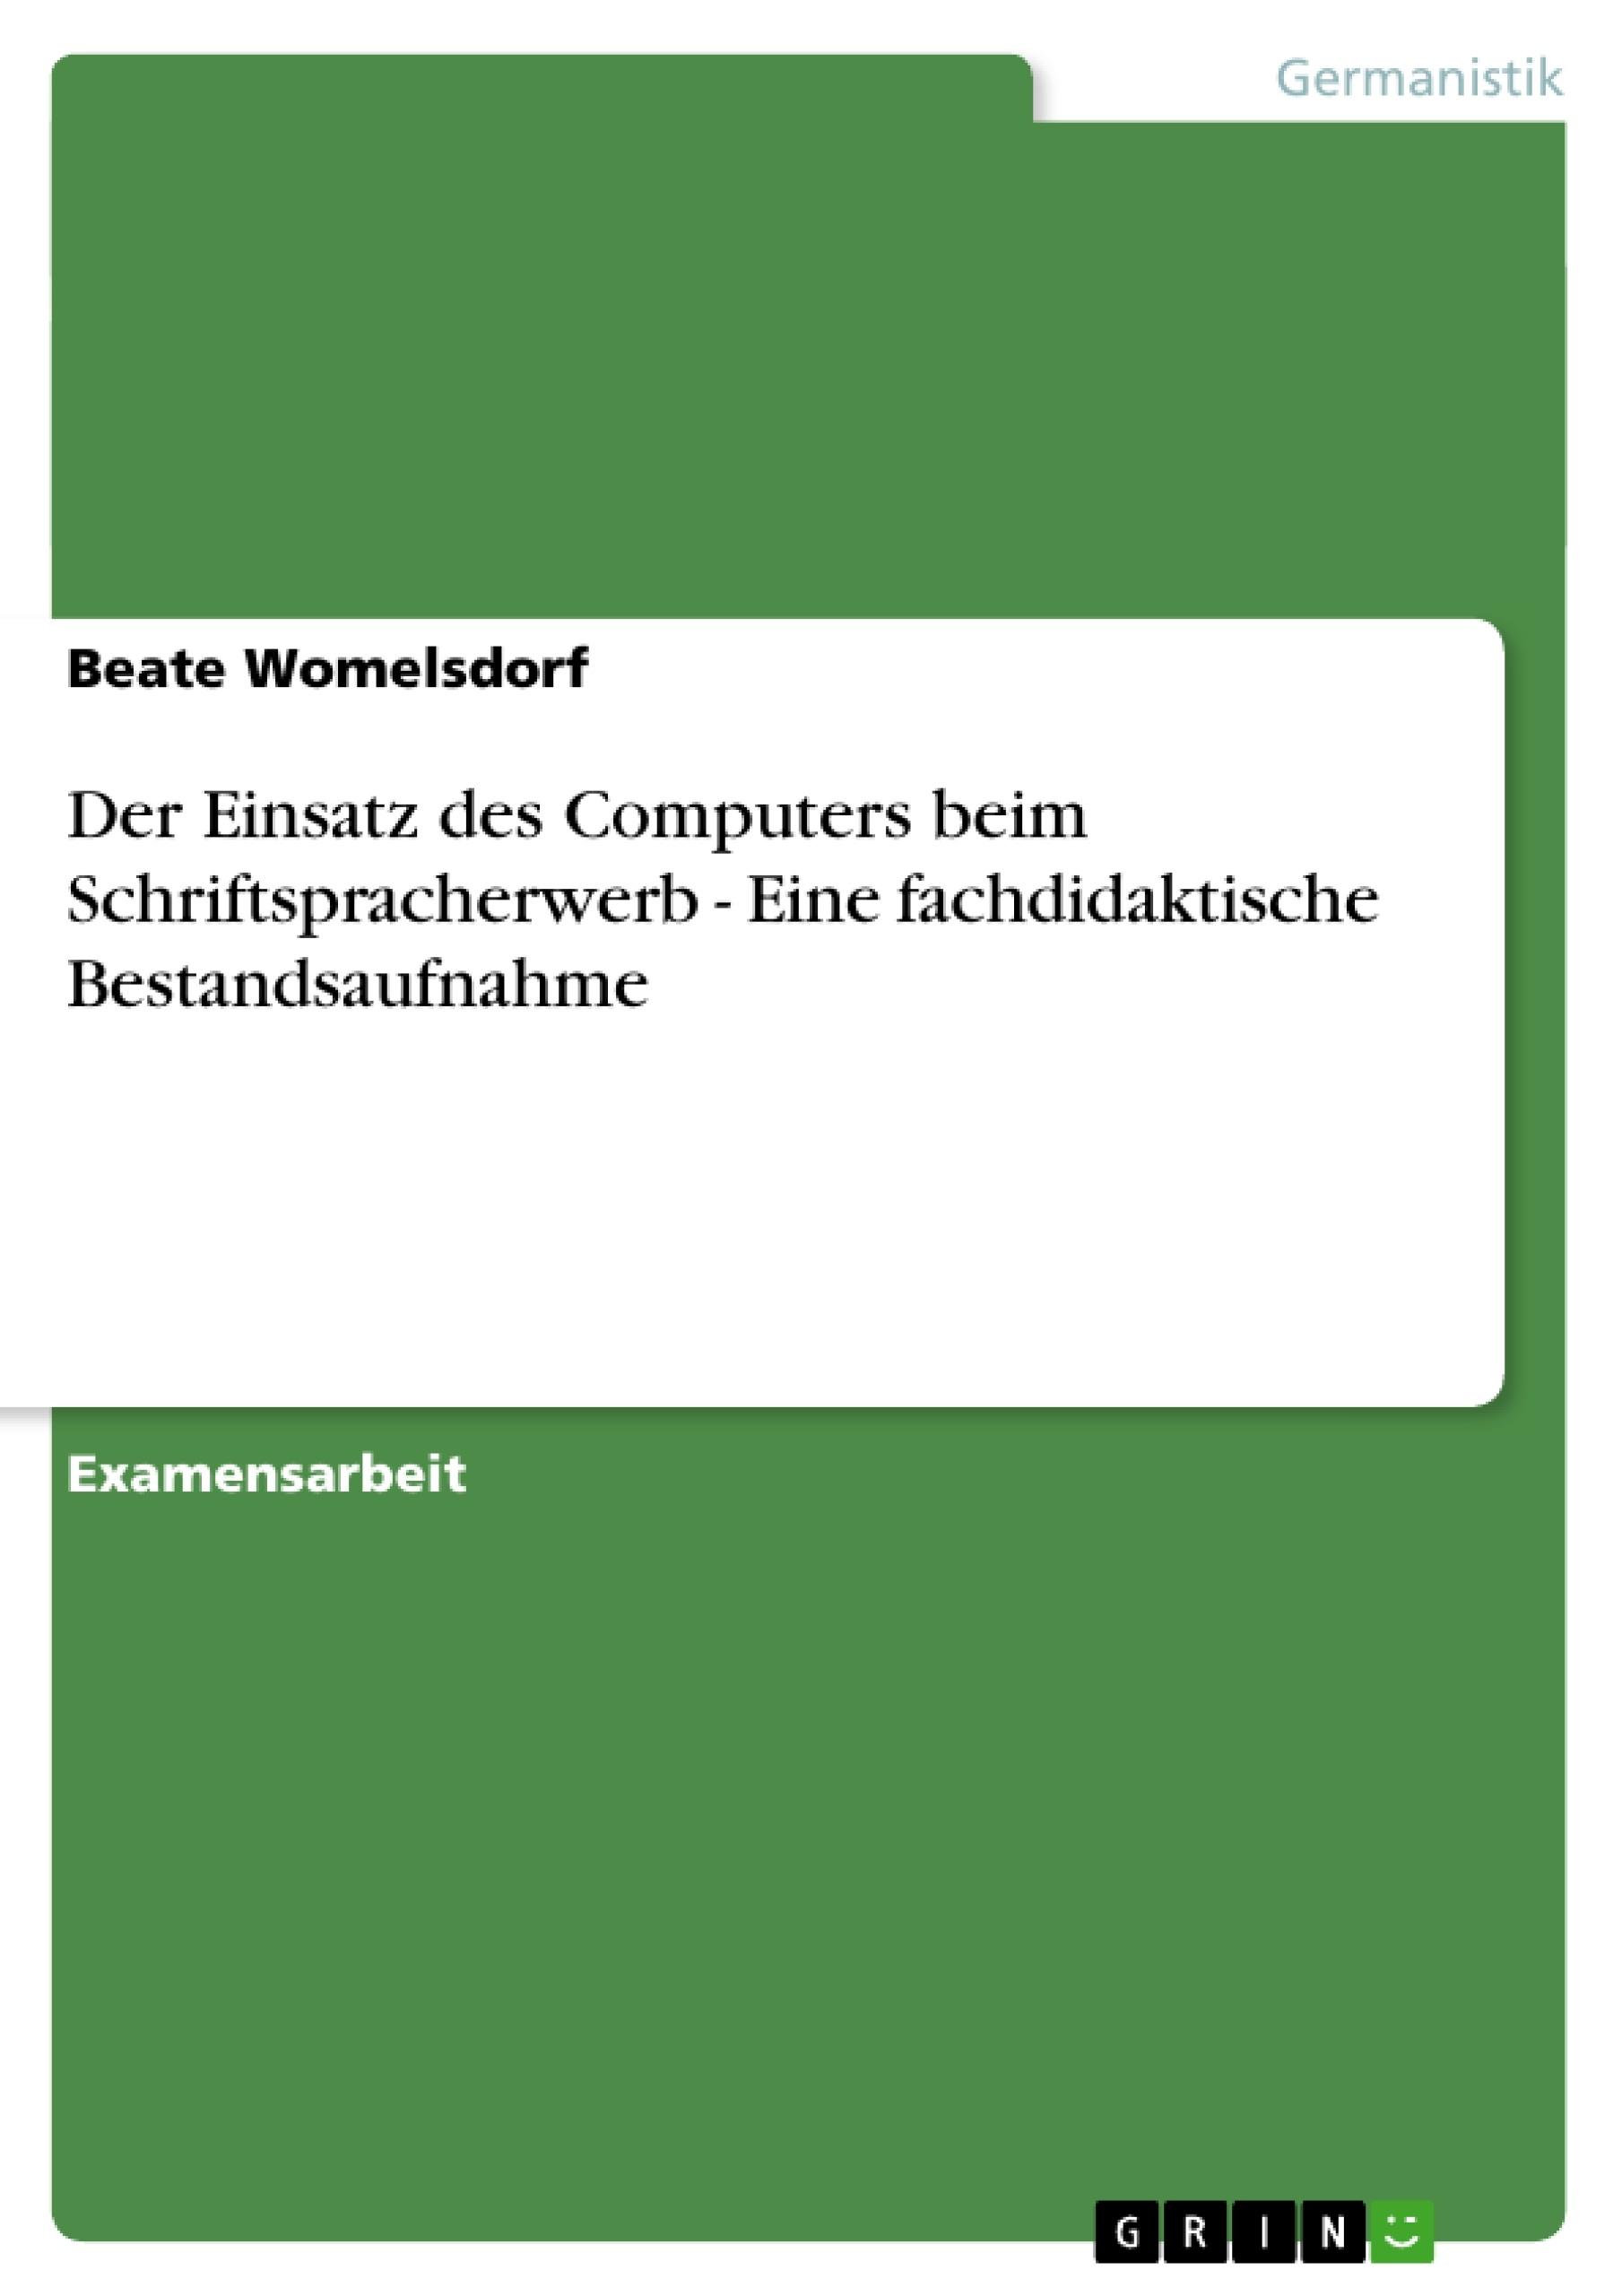 Titel: Der Einsatz des Computers beim Schriftspracherwerb - Eine fachdidaktische Bestandsaufnahme